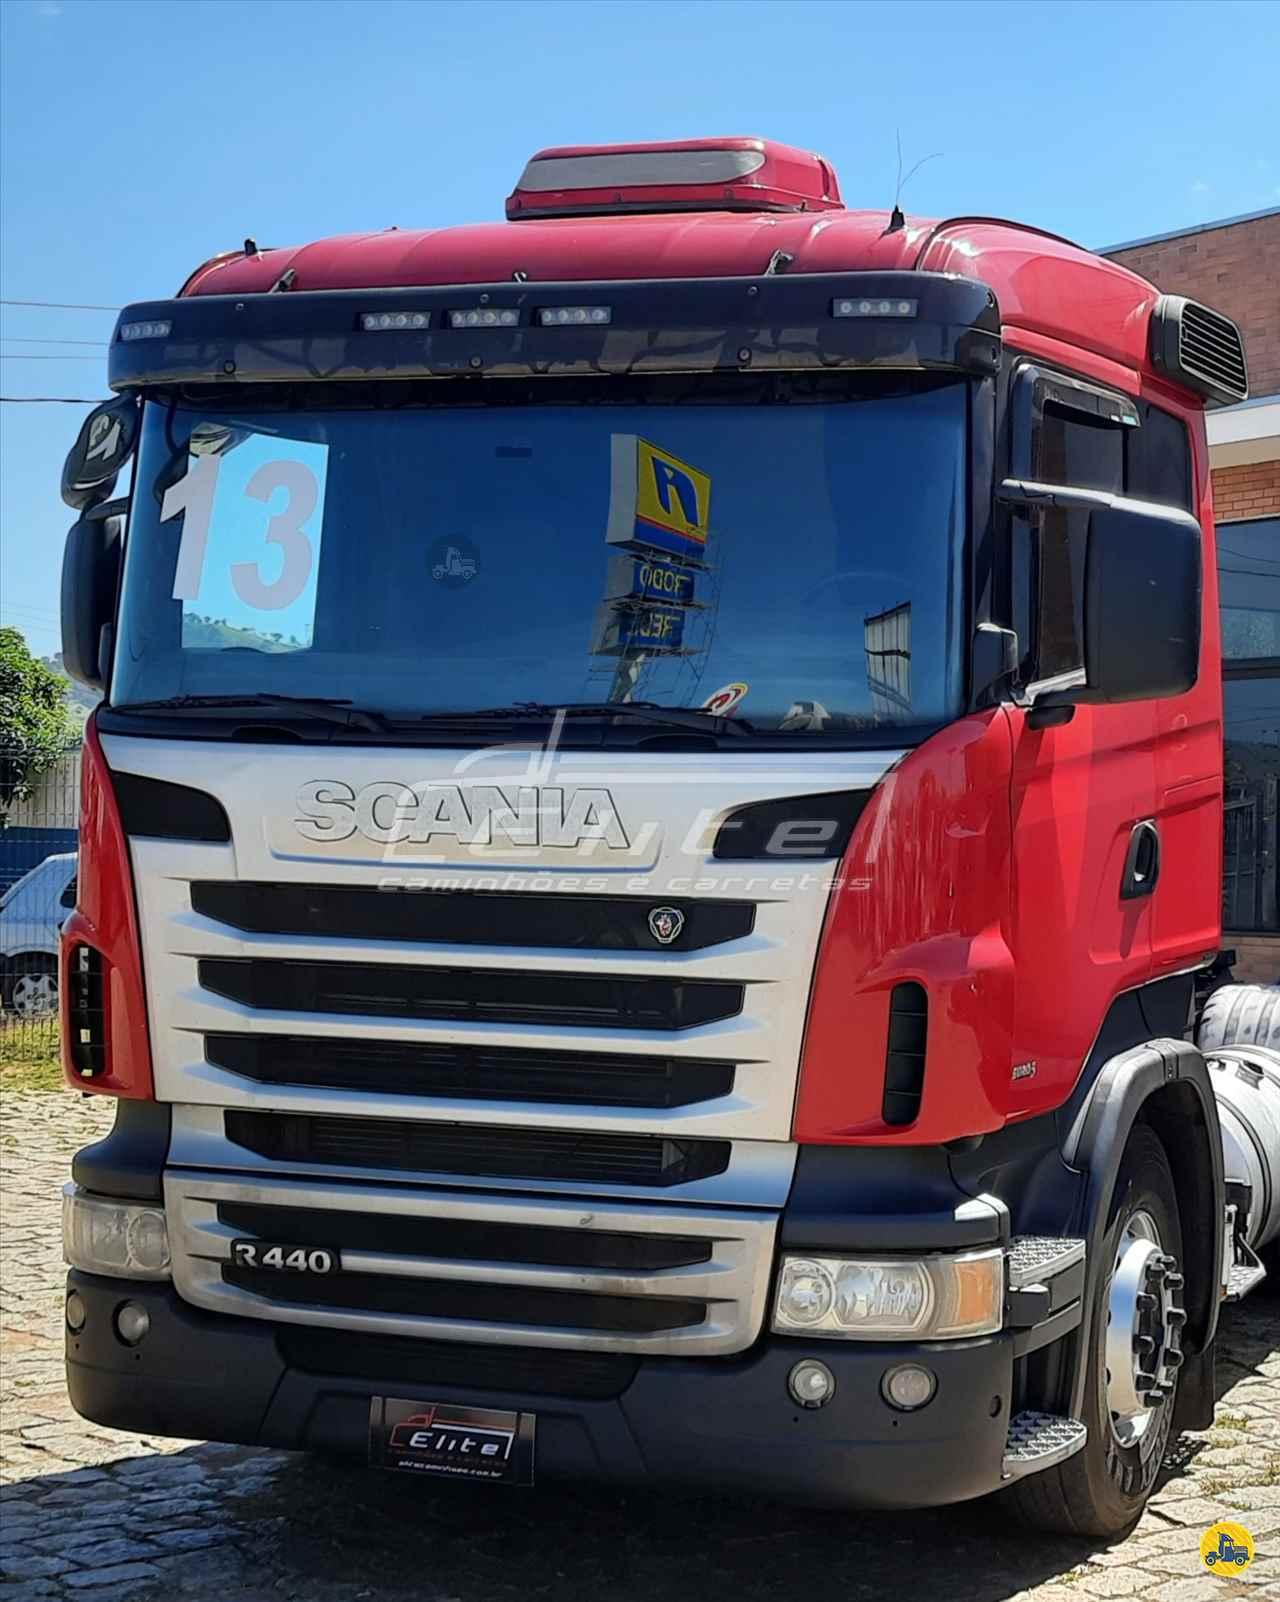 CAMINHAO SCANIA SCANIA 440 Cavalo Mecânico Traçado 6x4 Elite Caminhões ESTIVA MINAS GERAIS MG